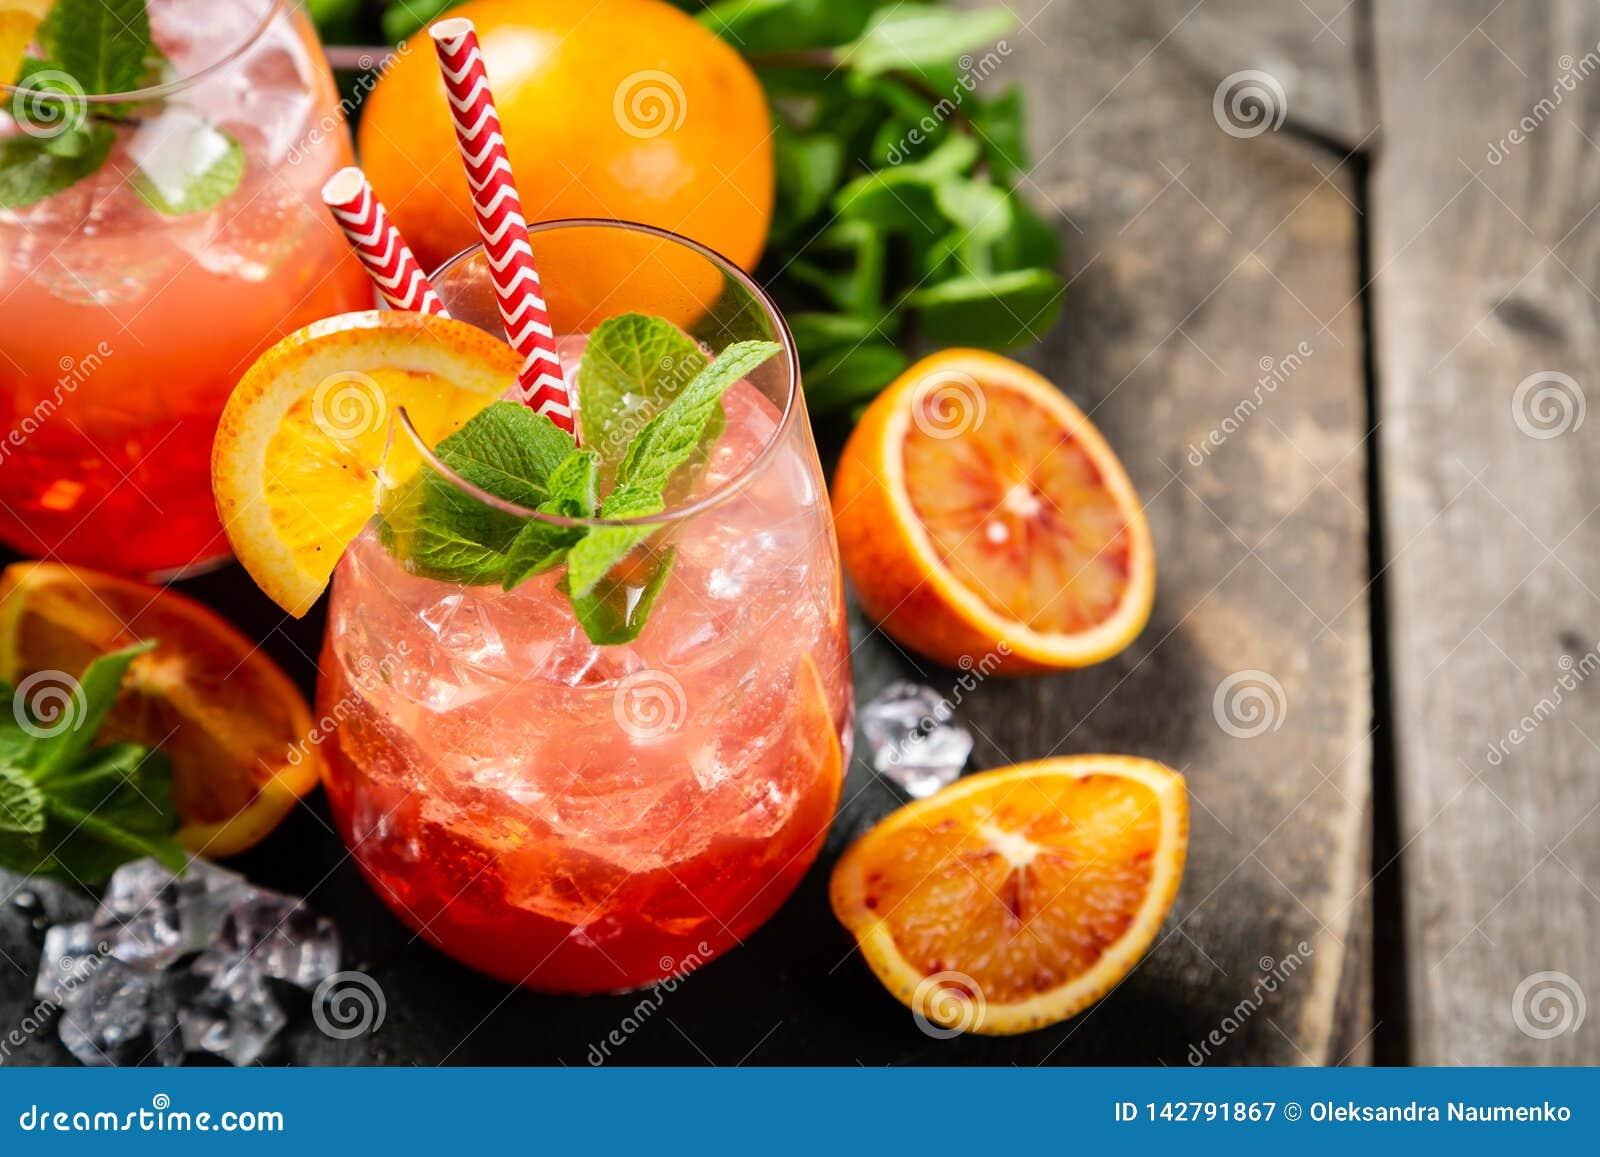 Orangeade ensanglantée et ingrédients